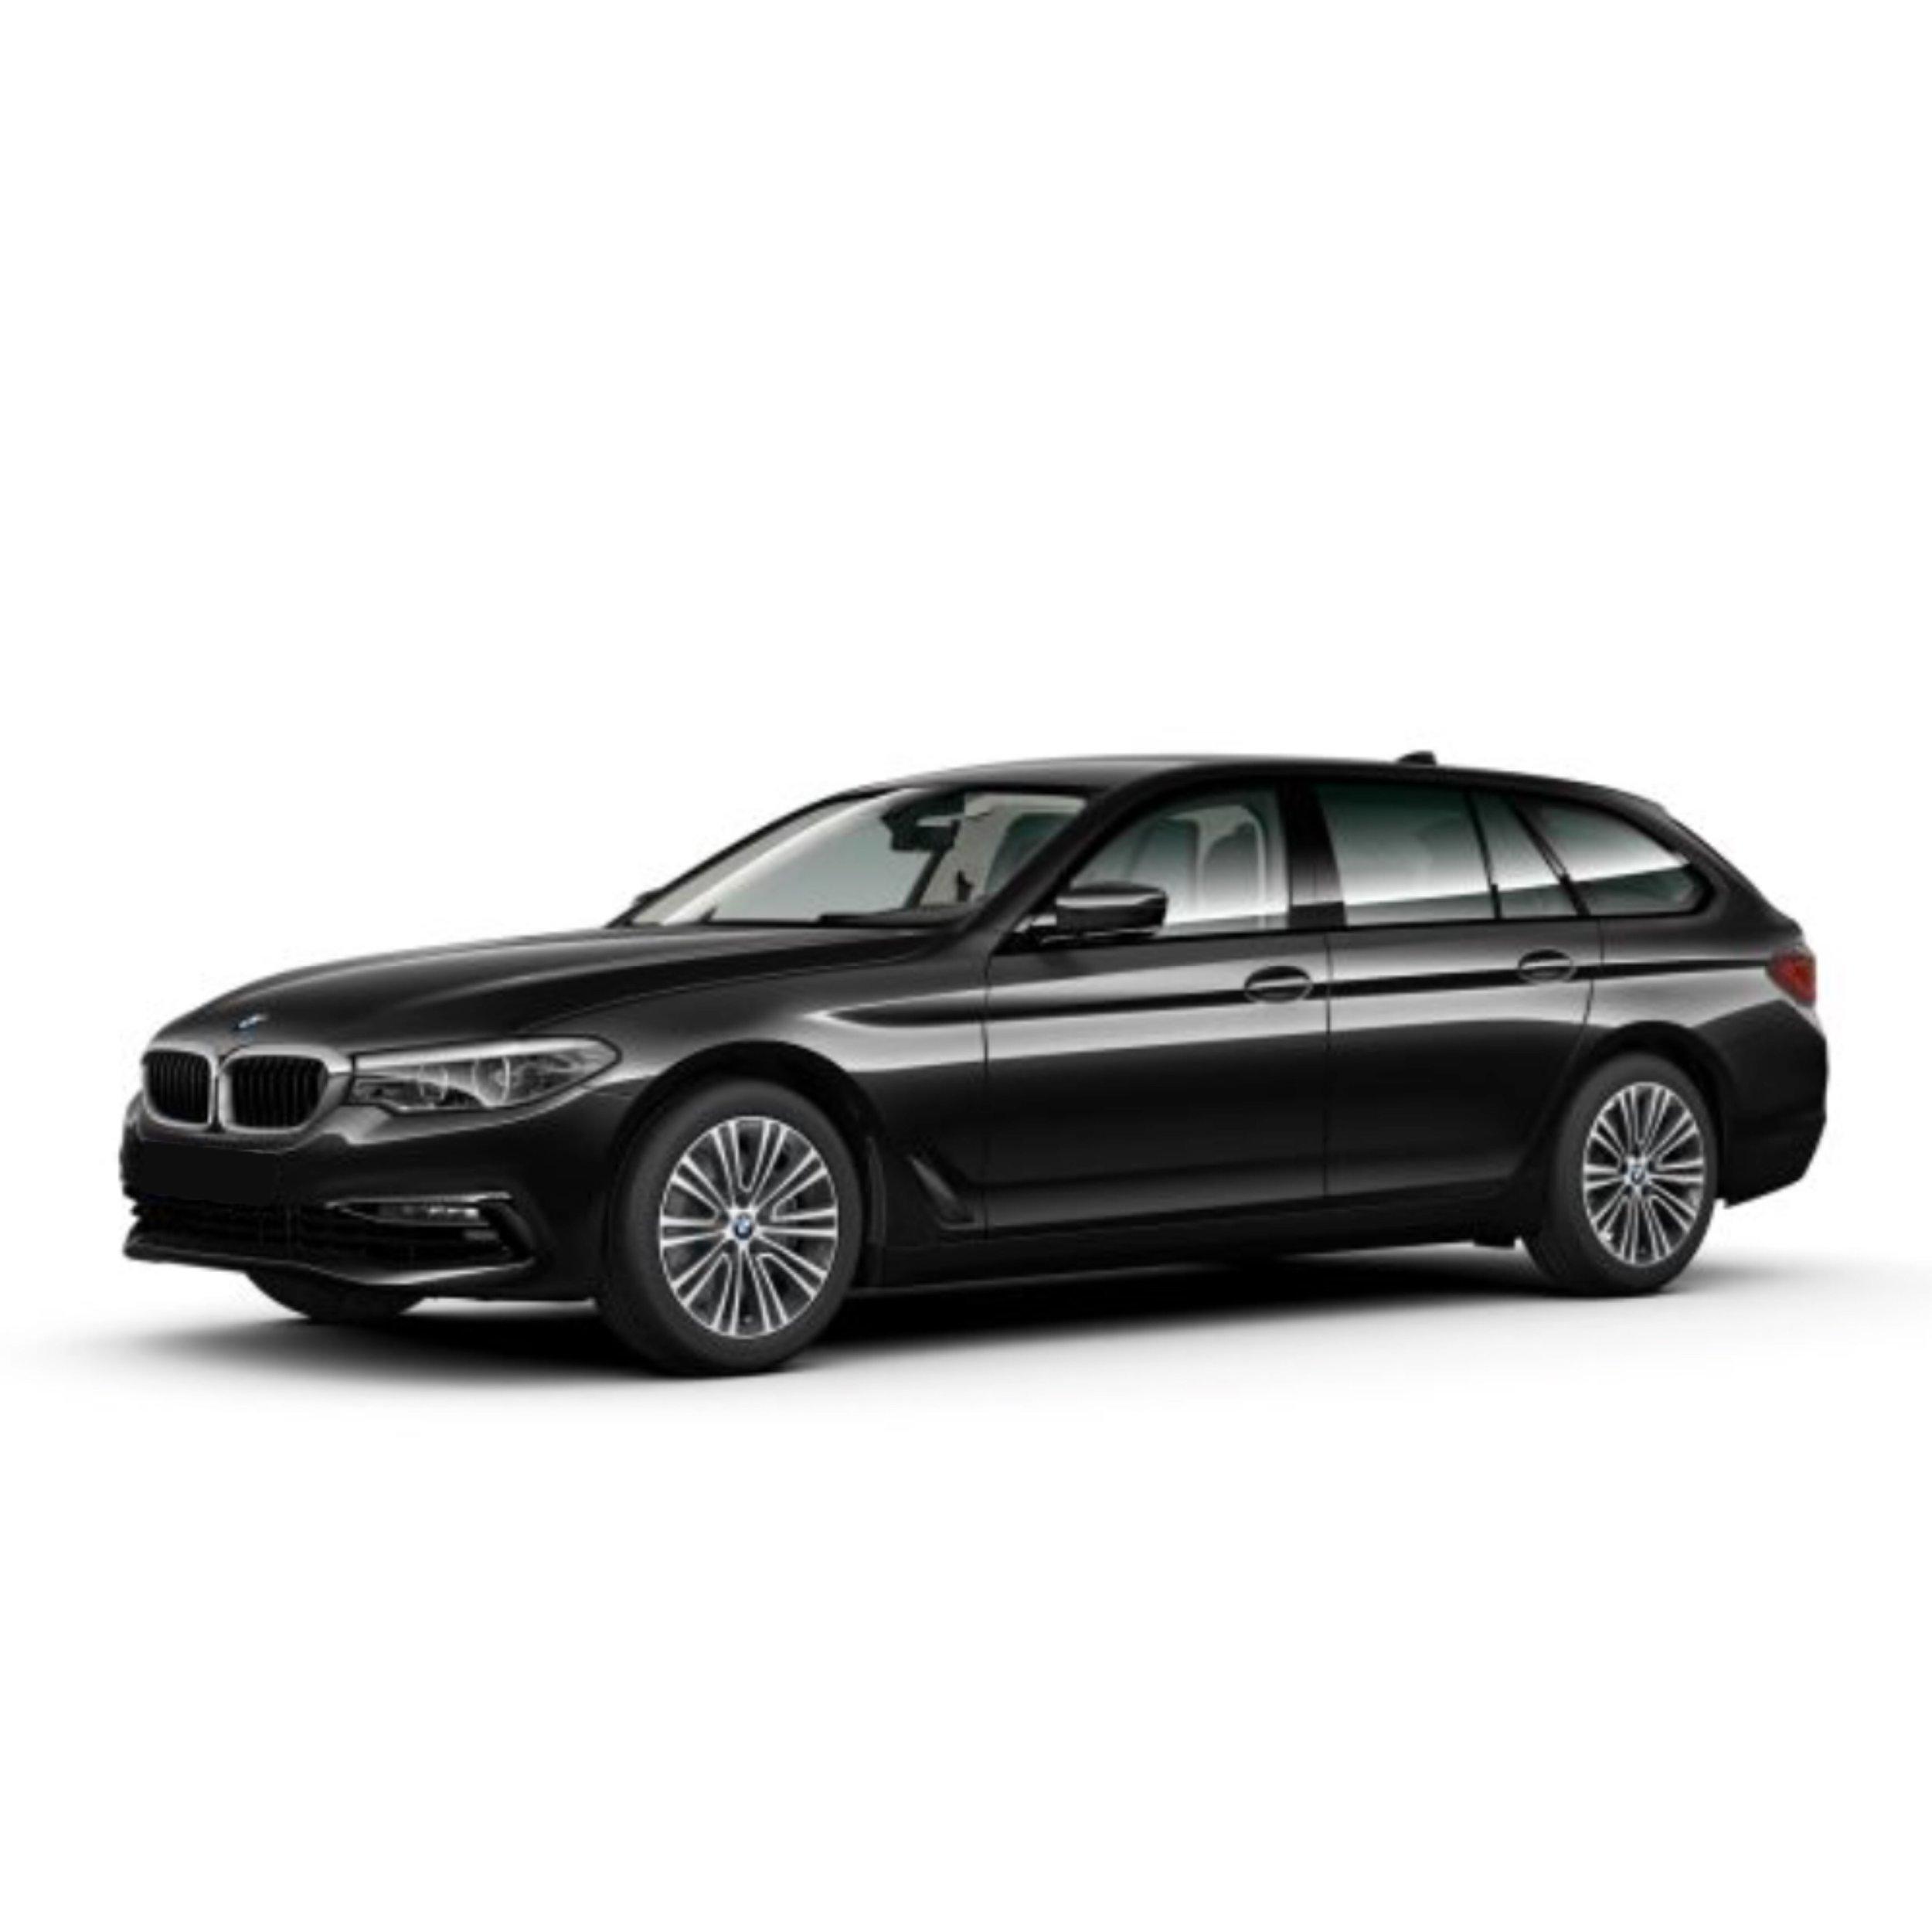 BMW 530d xDrive Touring (265 PS)459,00€ / Monat - *Nur Gewerbekunden*alle Werte zzgl. der jeweiligen Umsatzsteuer